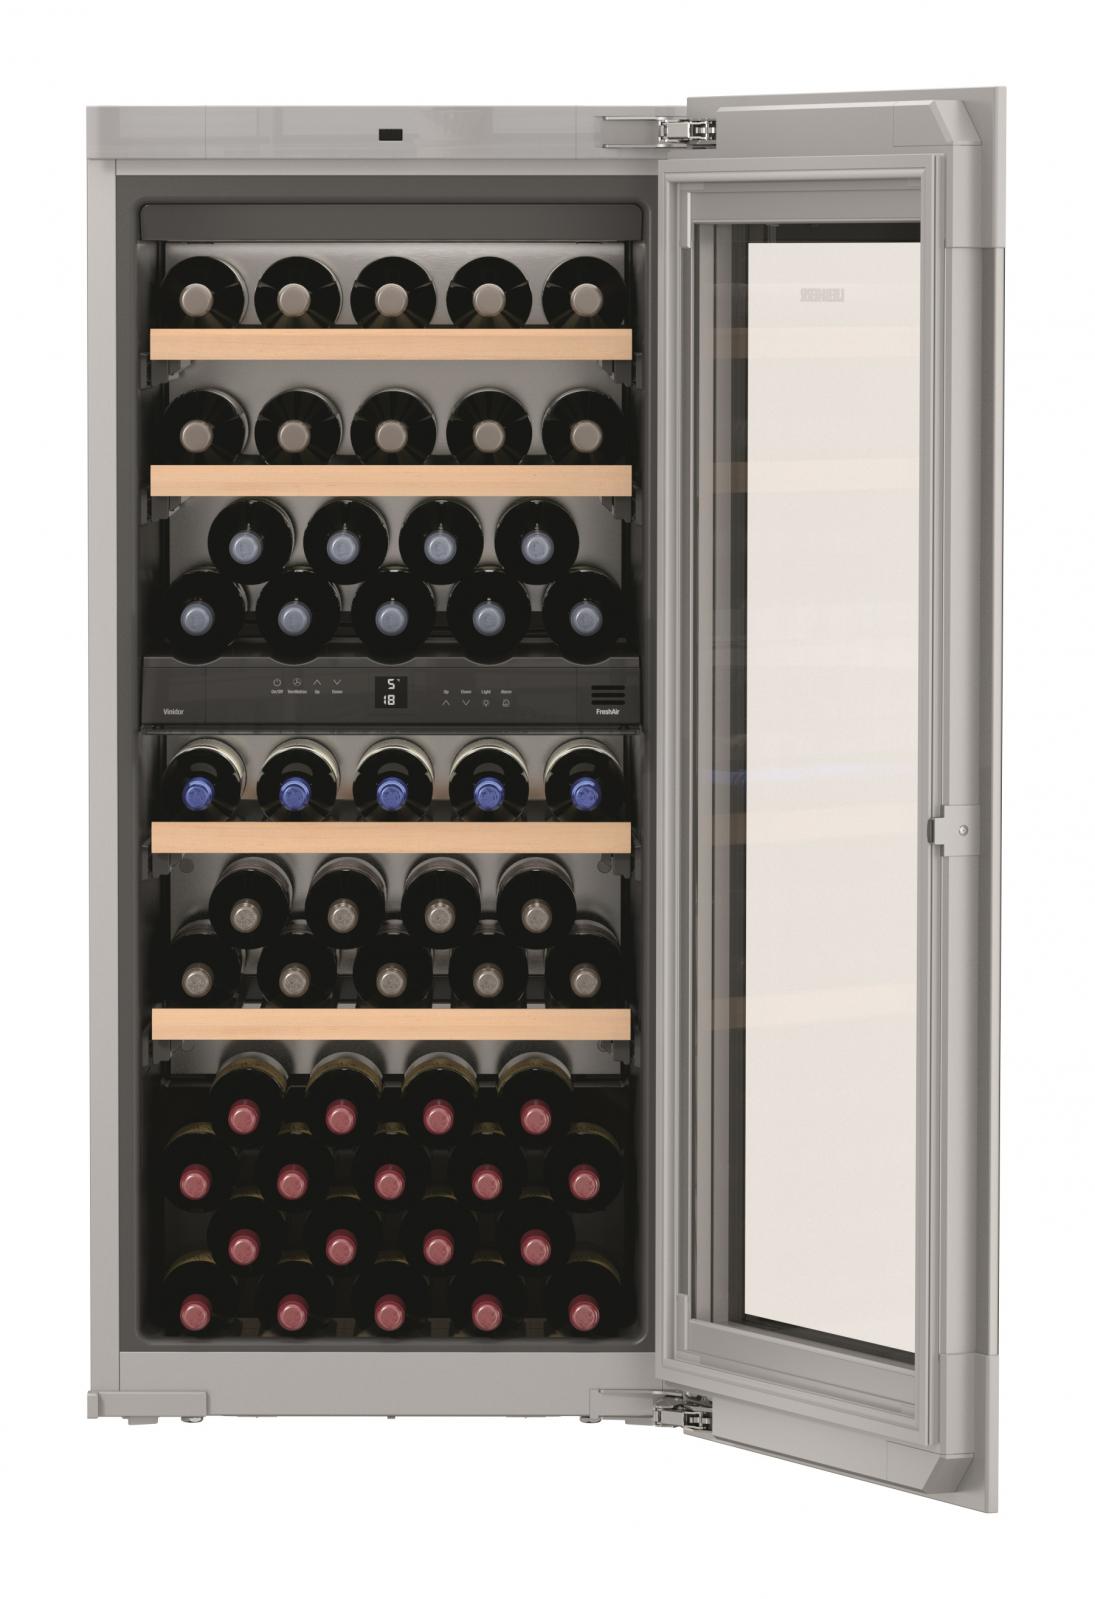 купить Встраиваемый винный шкаф Liebherr EWTgb 2383 Украина фото 2